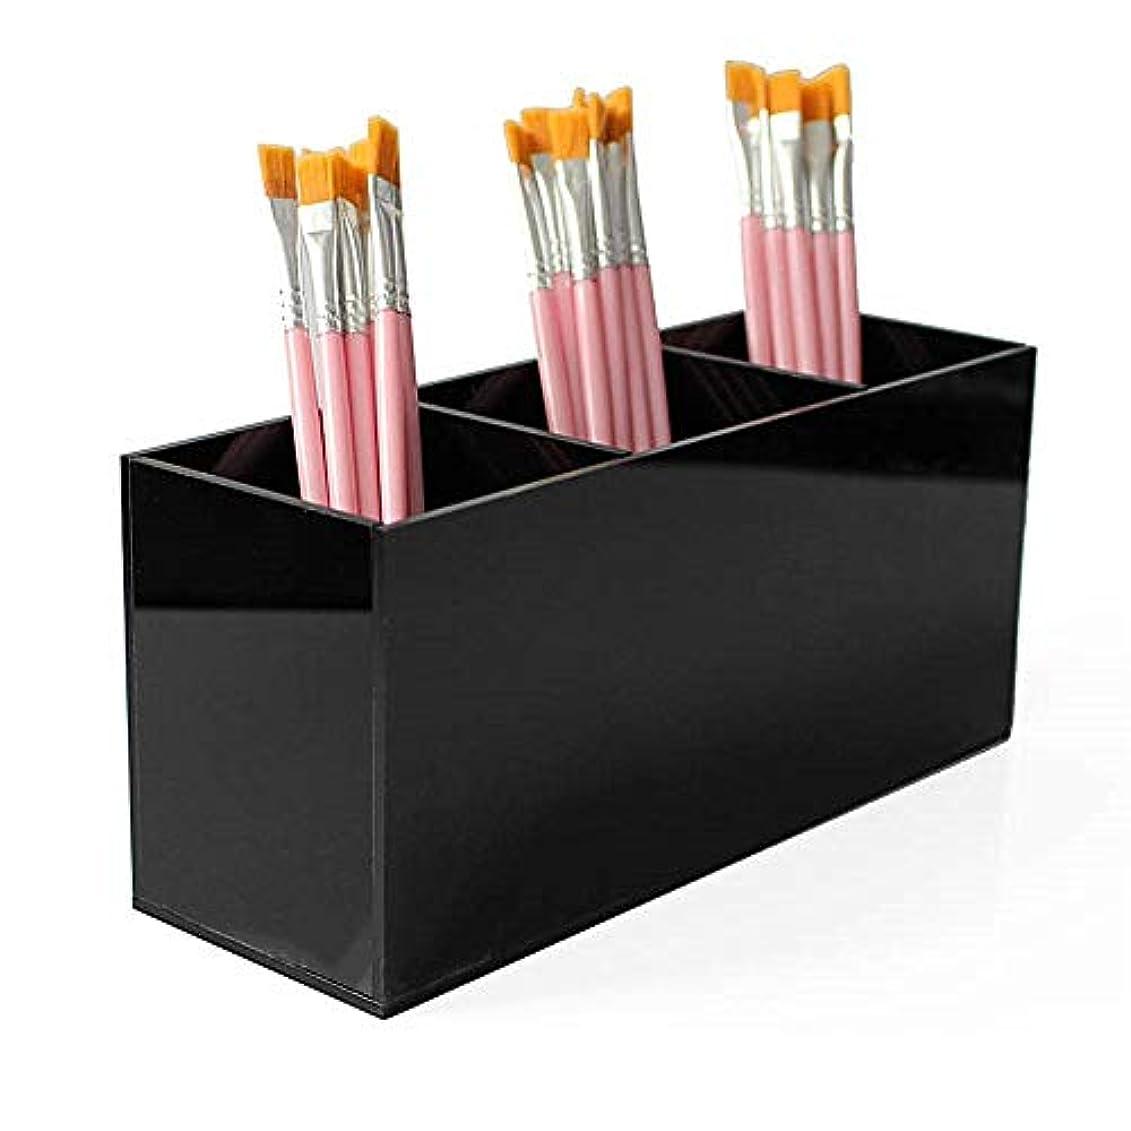 飛行場聡明真剣に整理簡単 シンプルなブラックアクリル化粧ブラシホルダーオーガナイザーボックス3スロット化粧品ブラシ収納 (Color : Black, Size : 20*6.5*9 cm)